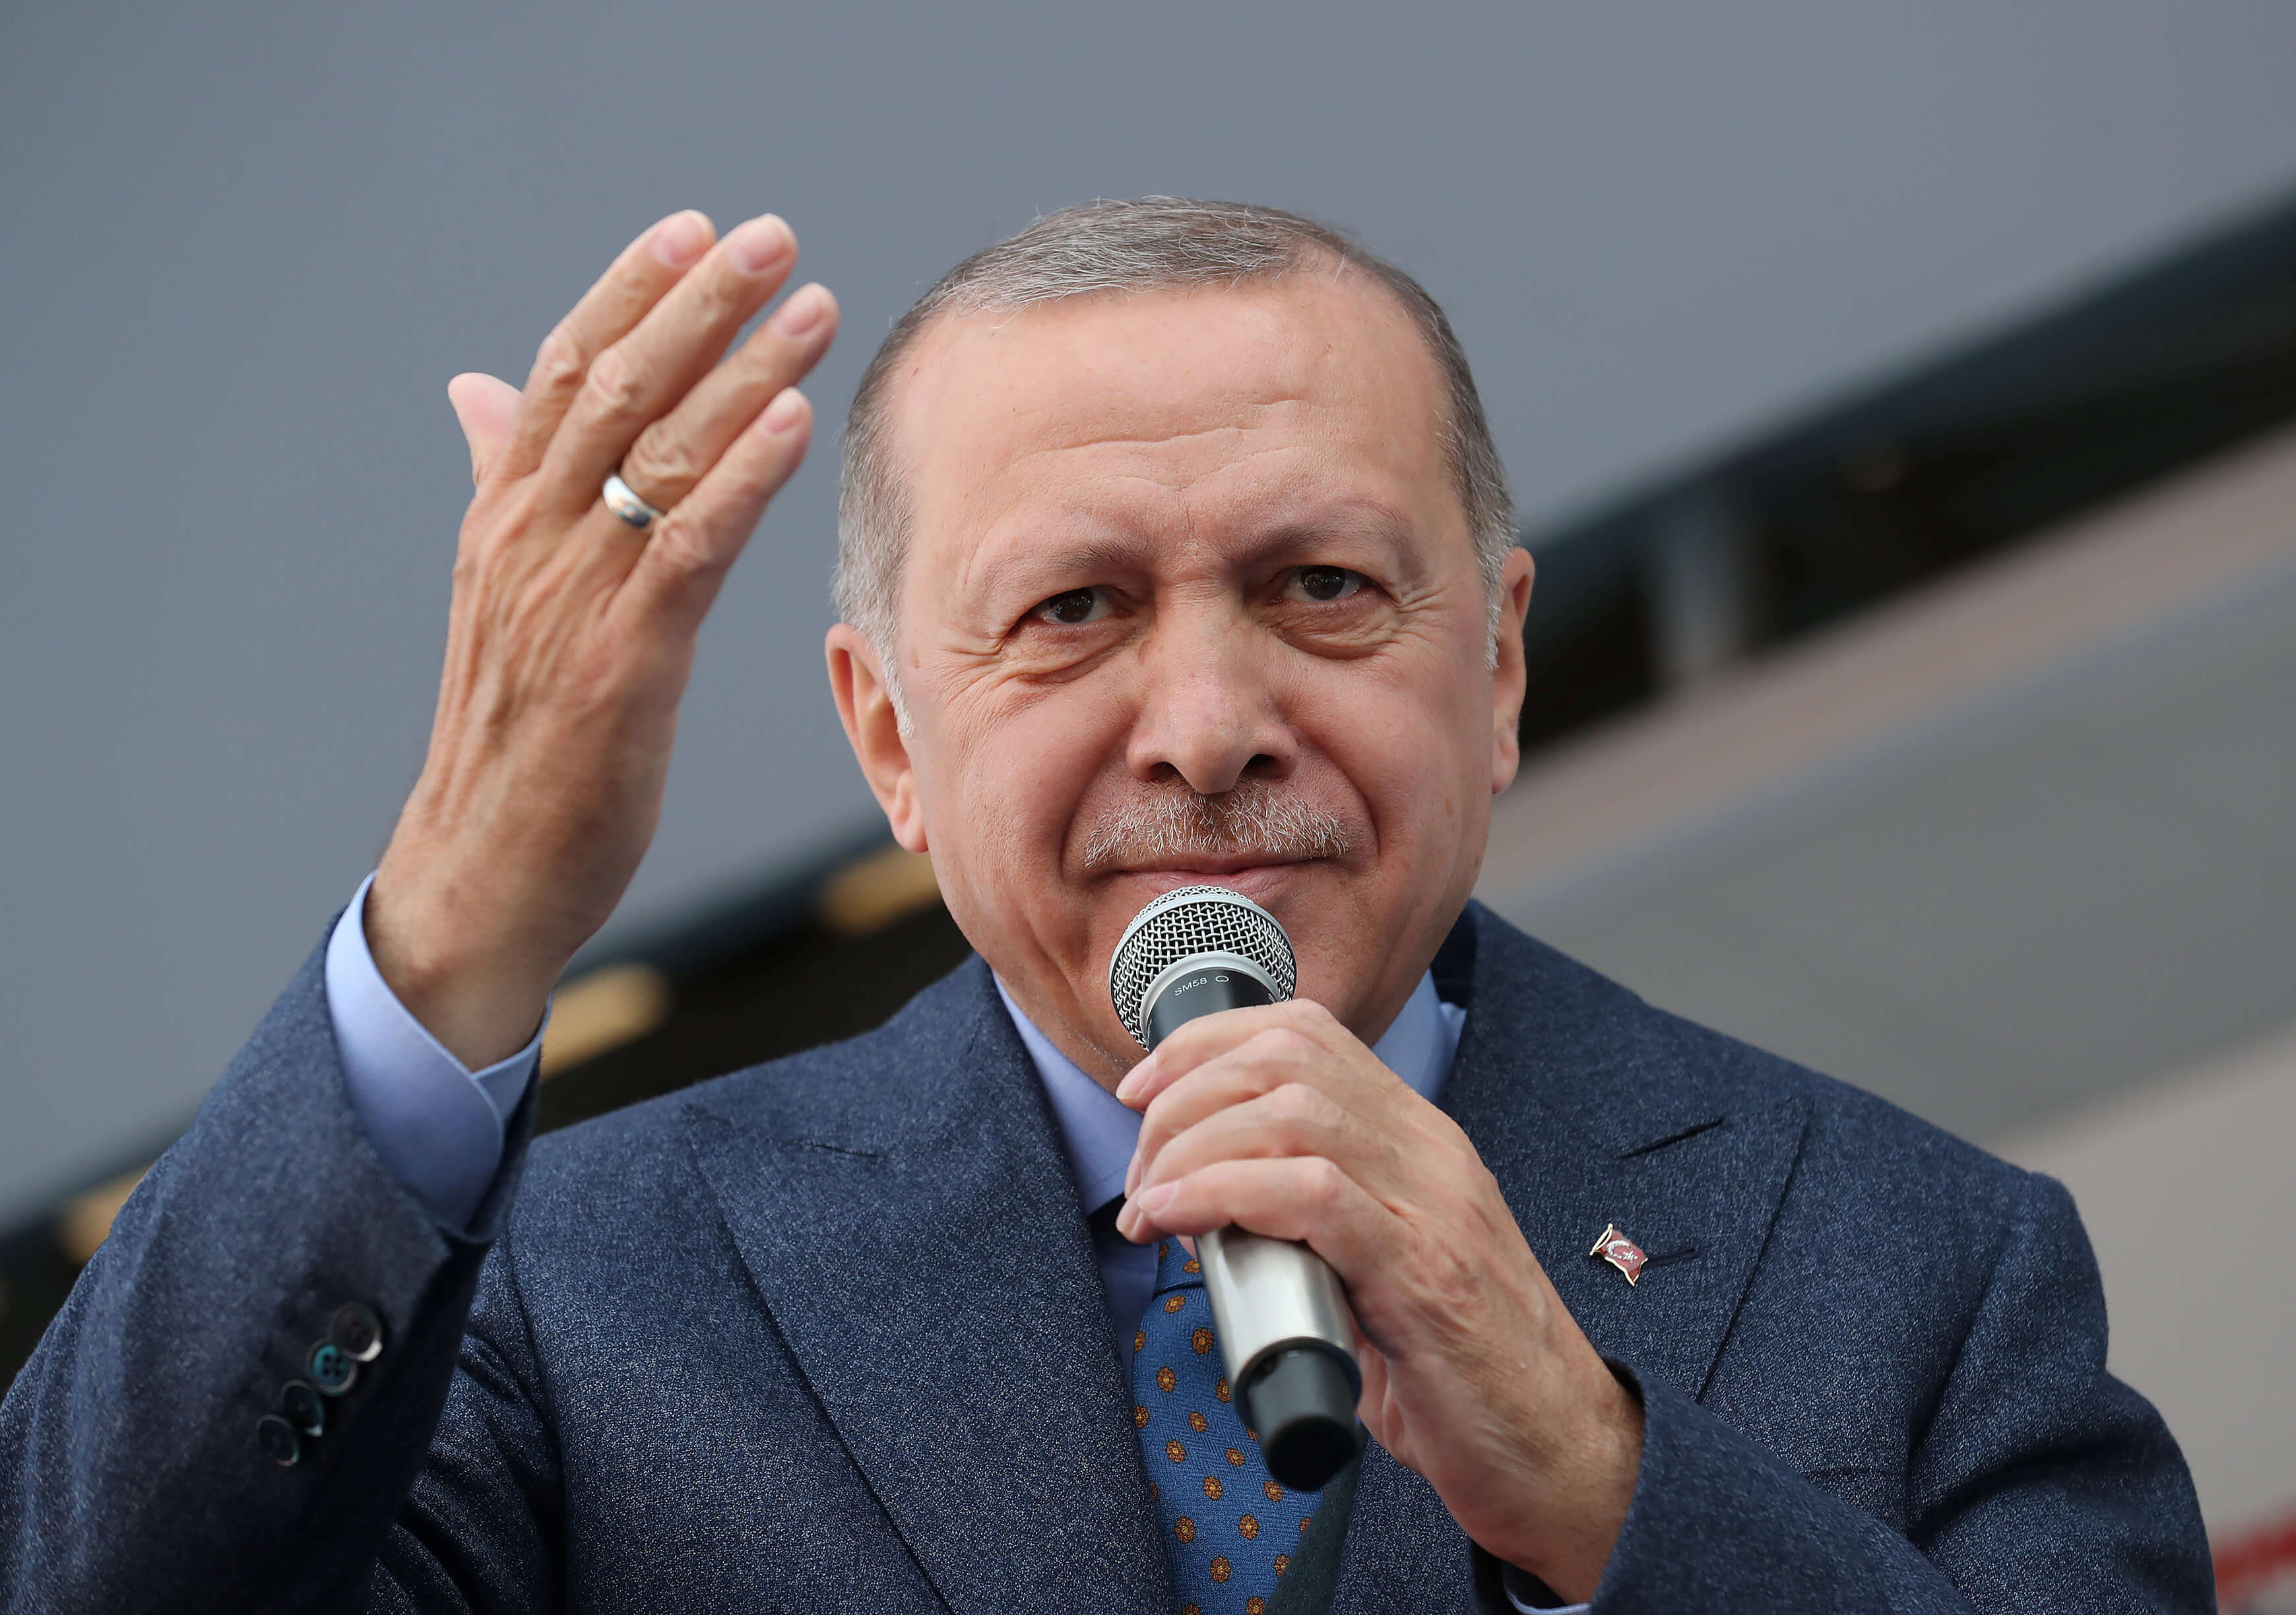 """Προκλητικός Ερντογάν από τη Σμύρνη! """"Έριξες τους γκιαούρηδες στη θάλασσα"""""""